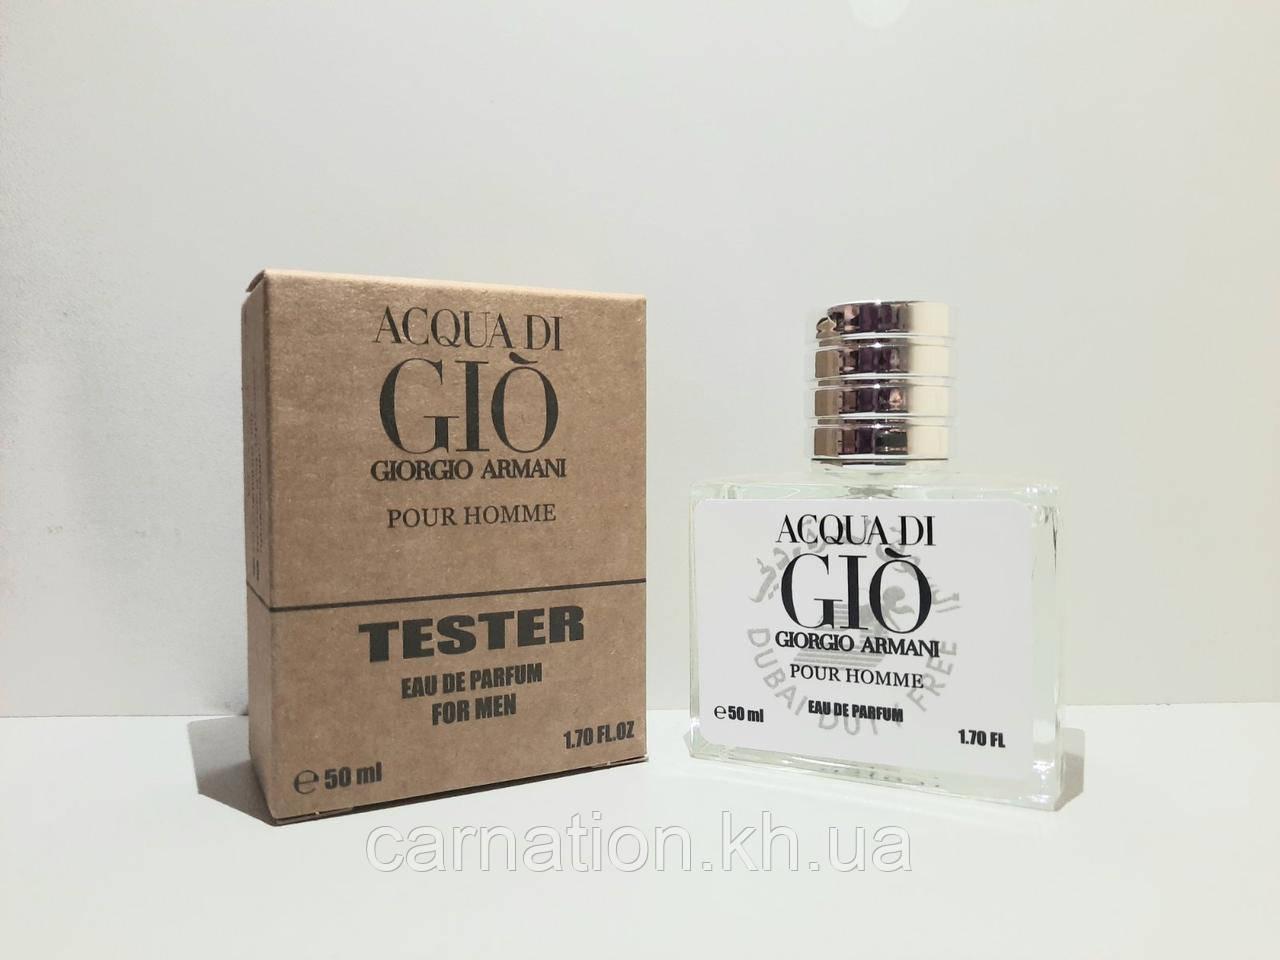 Тестер Giorgio Armani Acqua di Gio Dubai Duty Free 50 мл